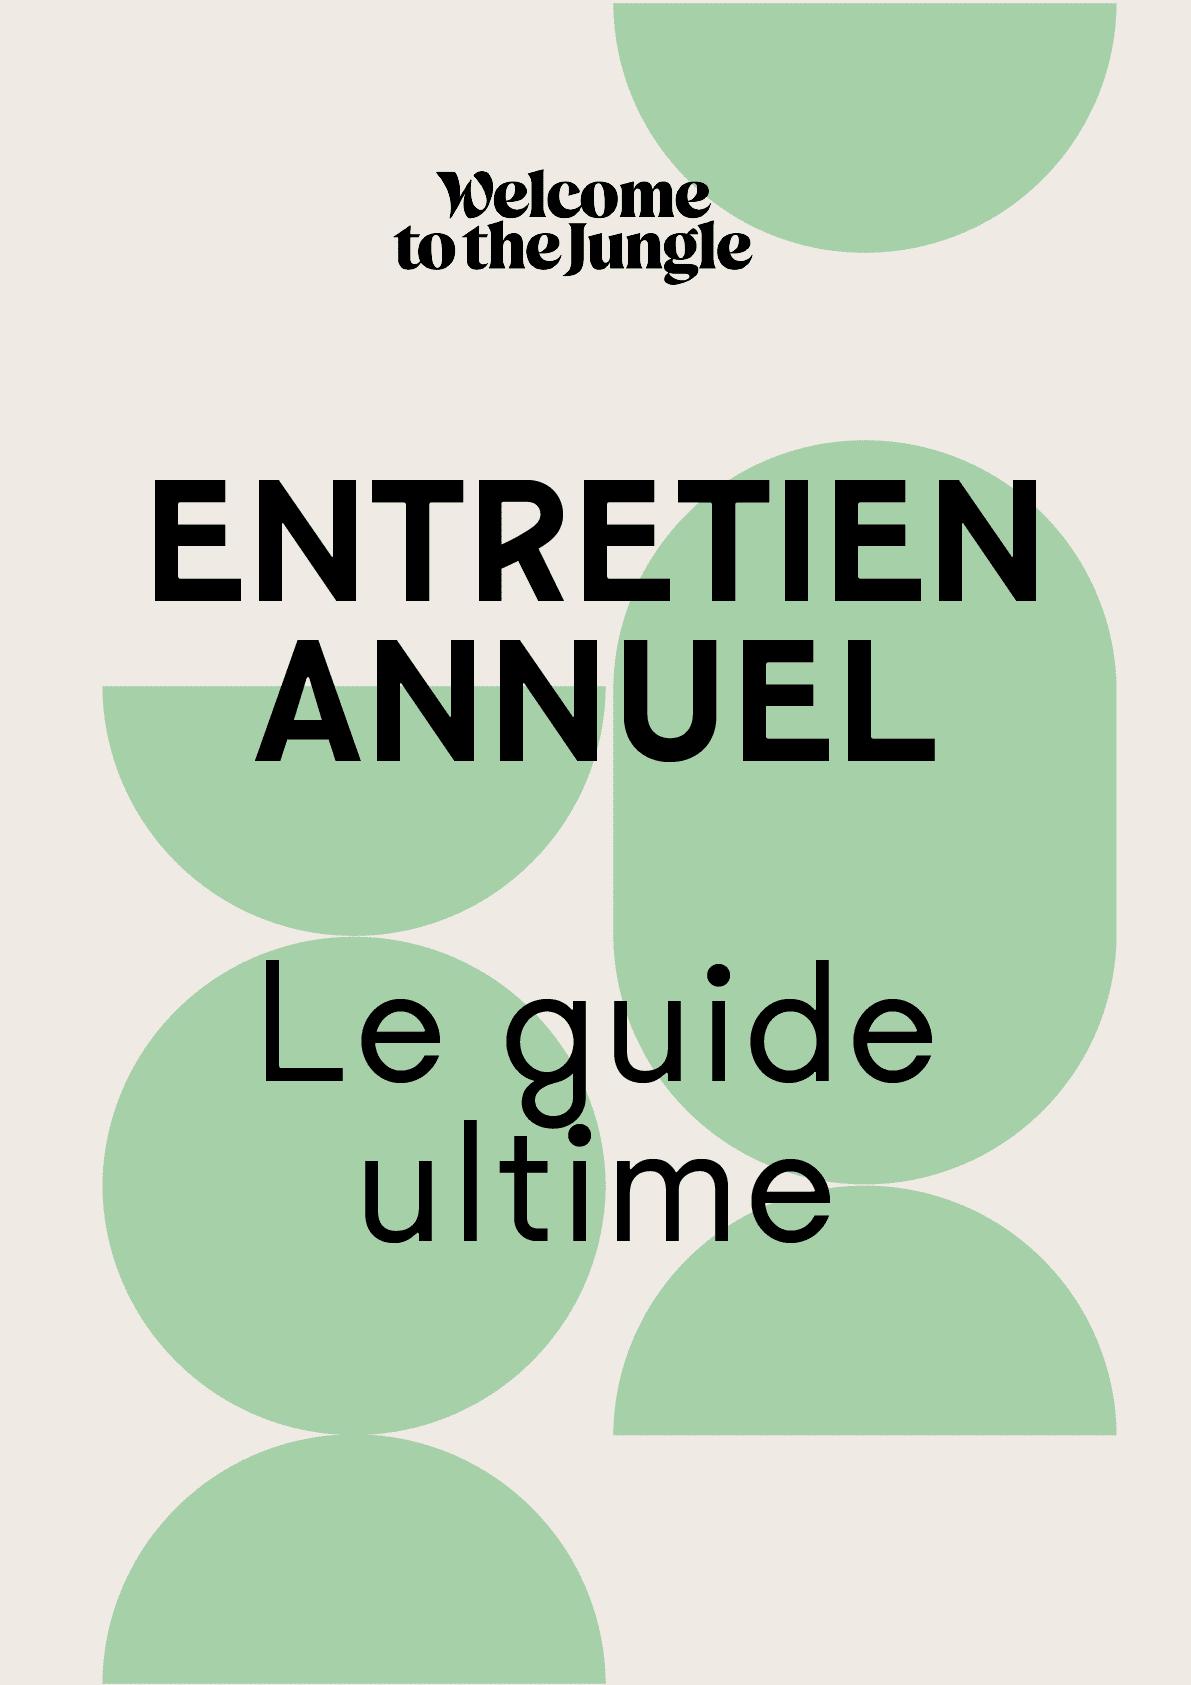 Entretien annuel : le guide ultime!